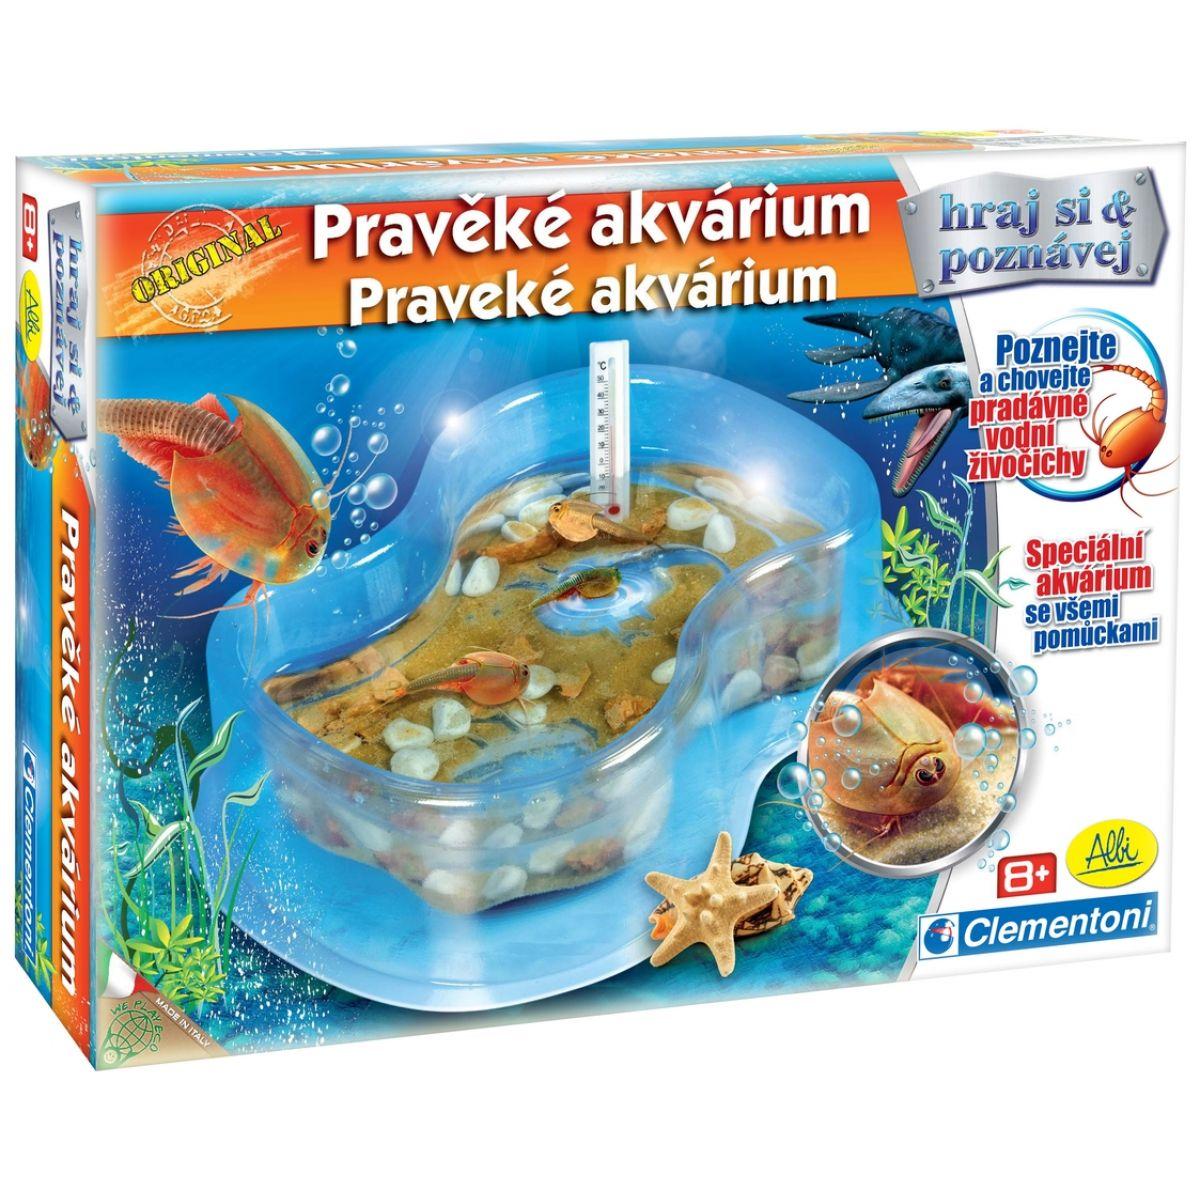 Clementoni Pravěké akvárium